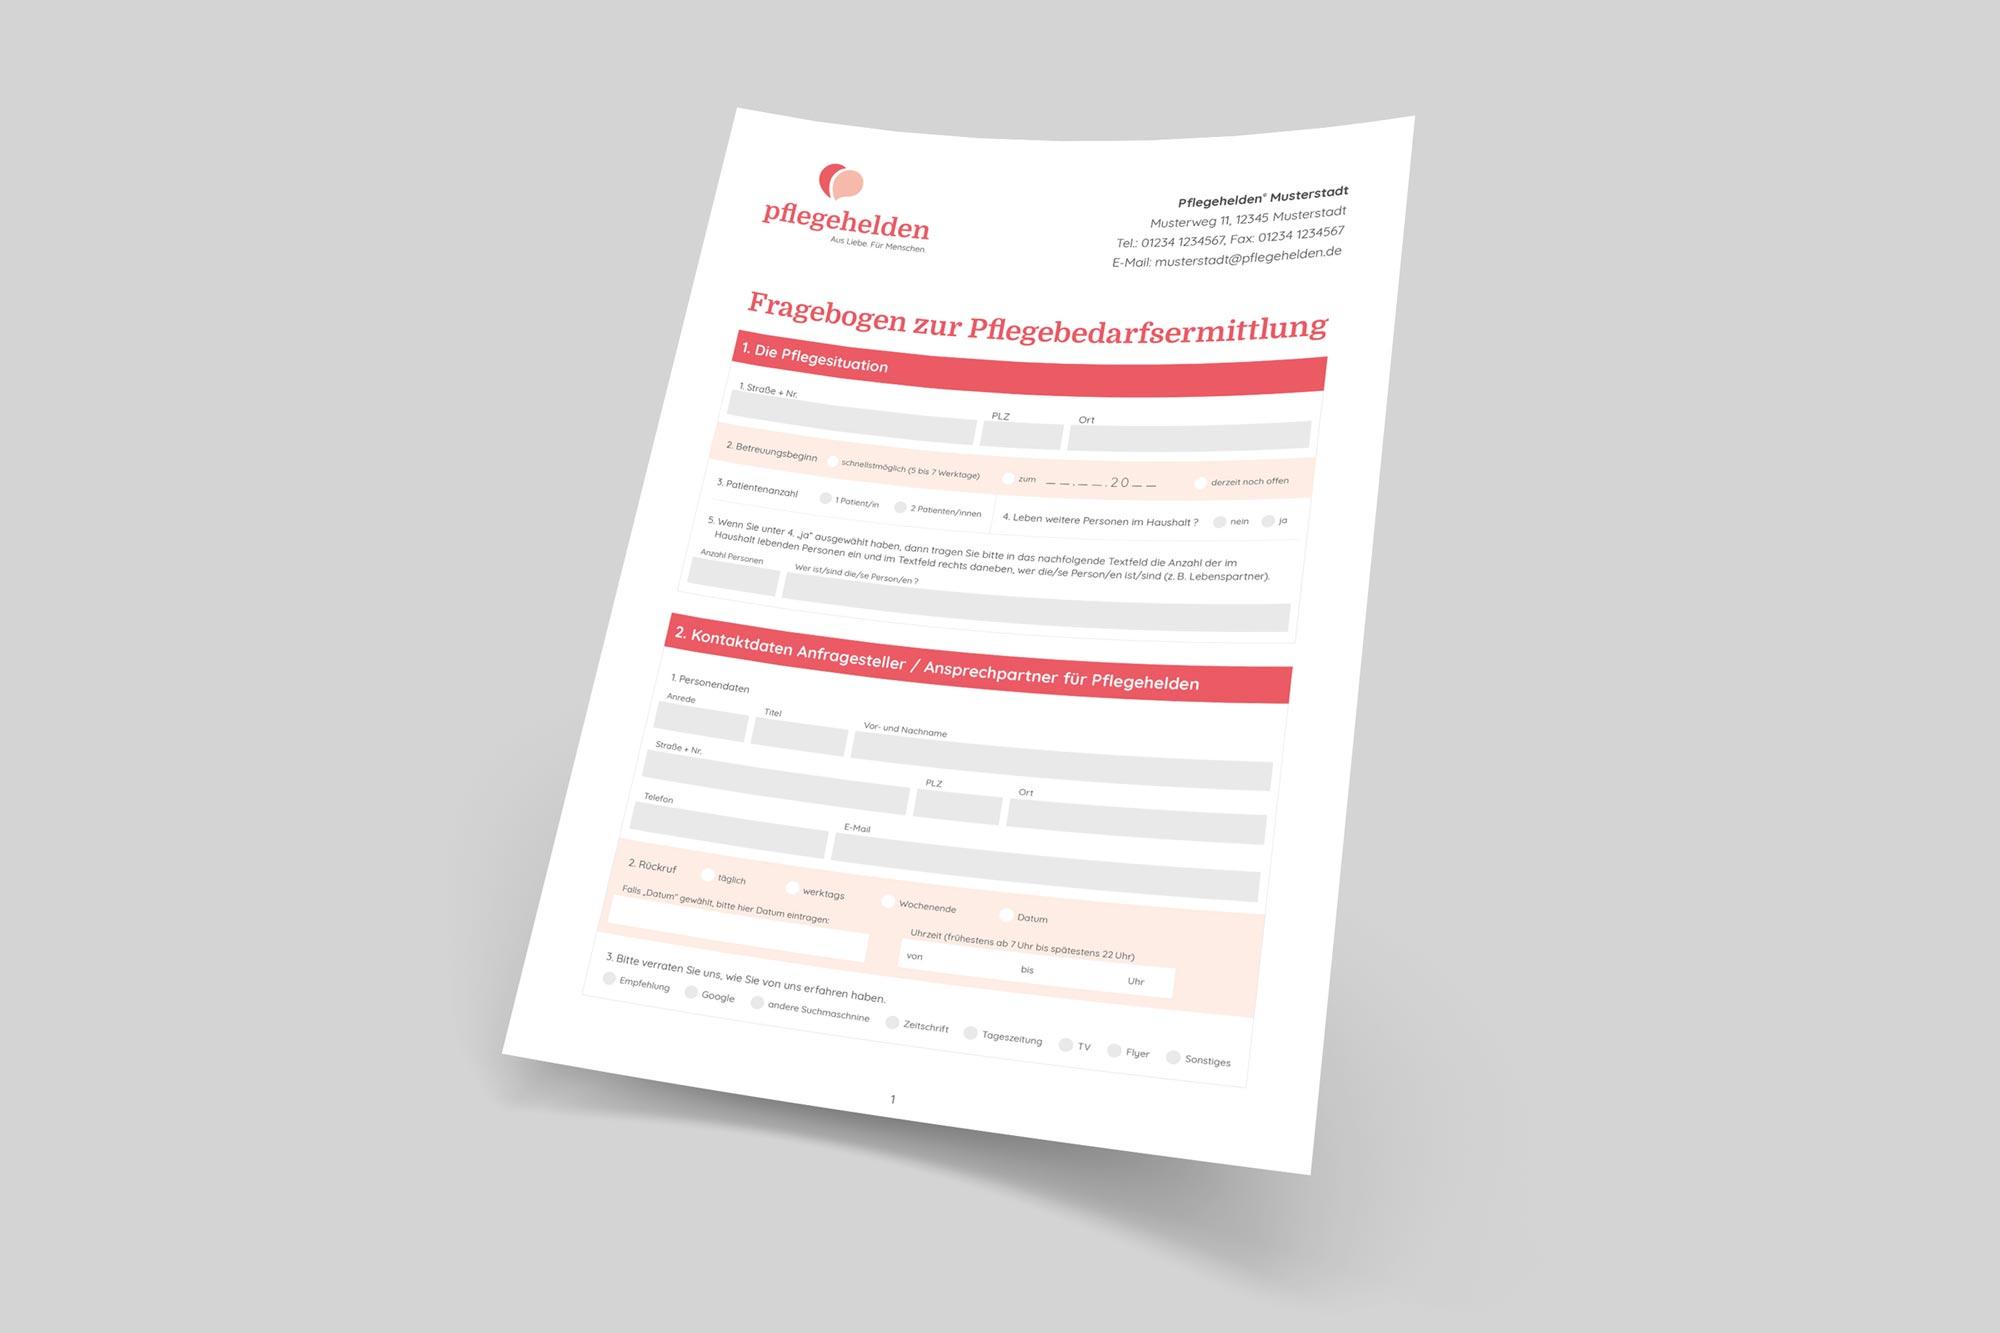 Pflegehelden – Fragebogen zur Pflegebedarfsermittlung